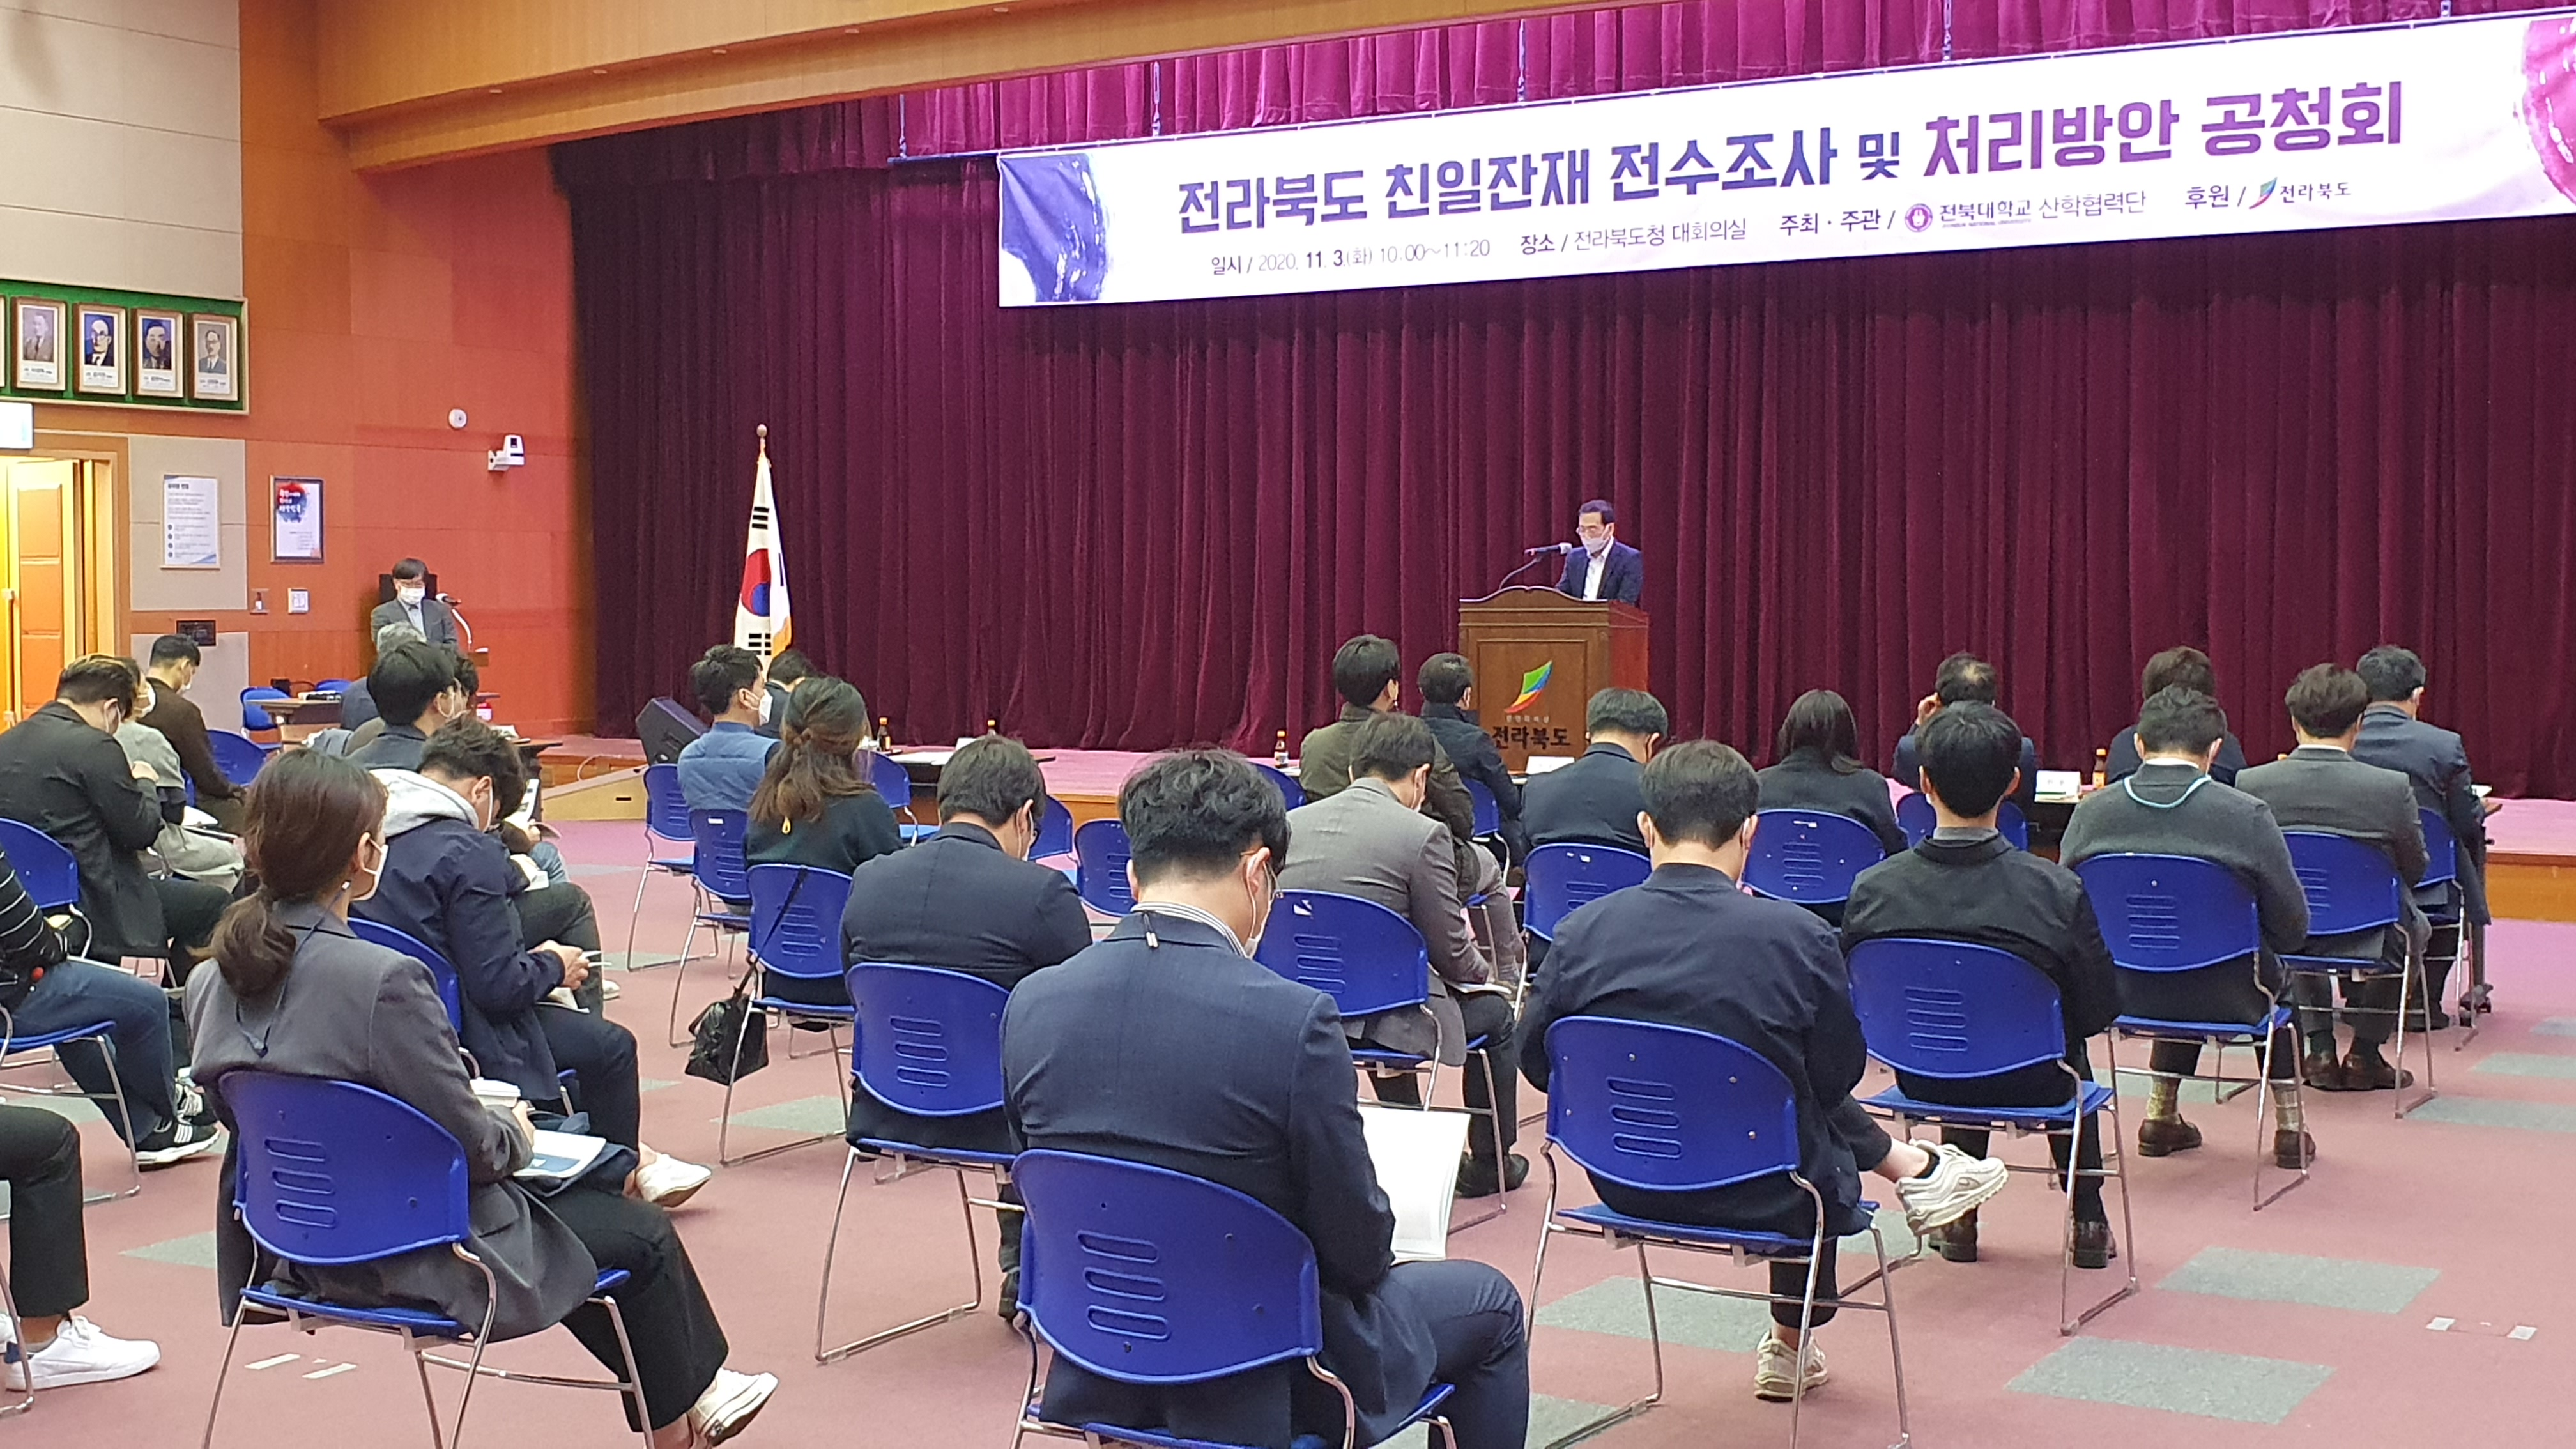 5-1. (사진) 친일잔재 전수조사 및 처리방안 공청회 개최.jpg